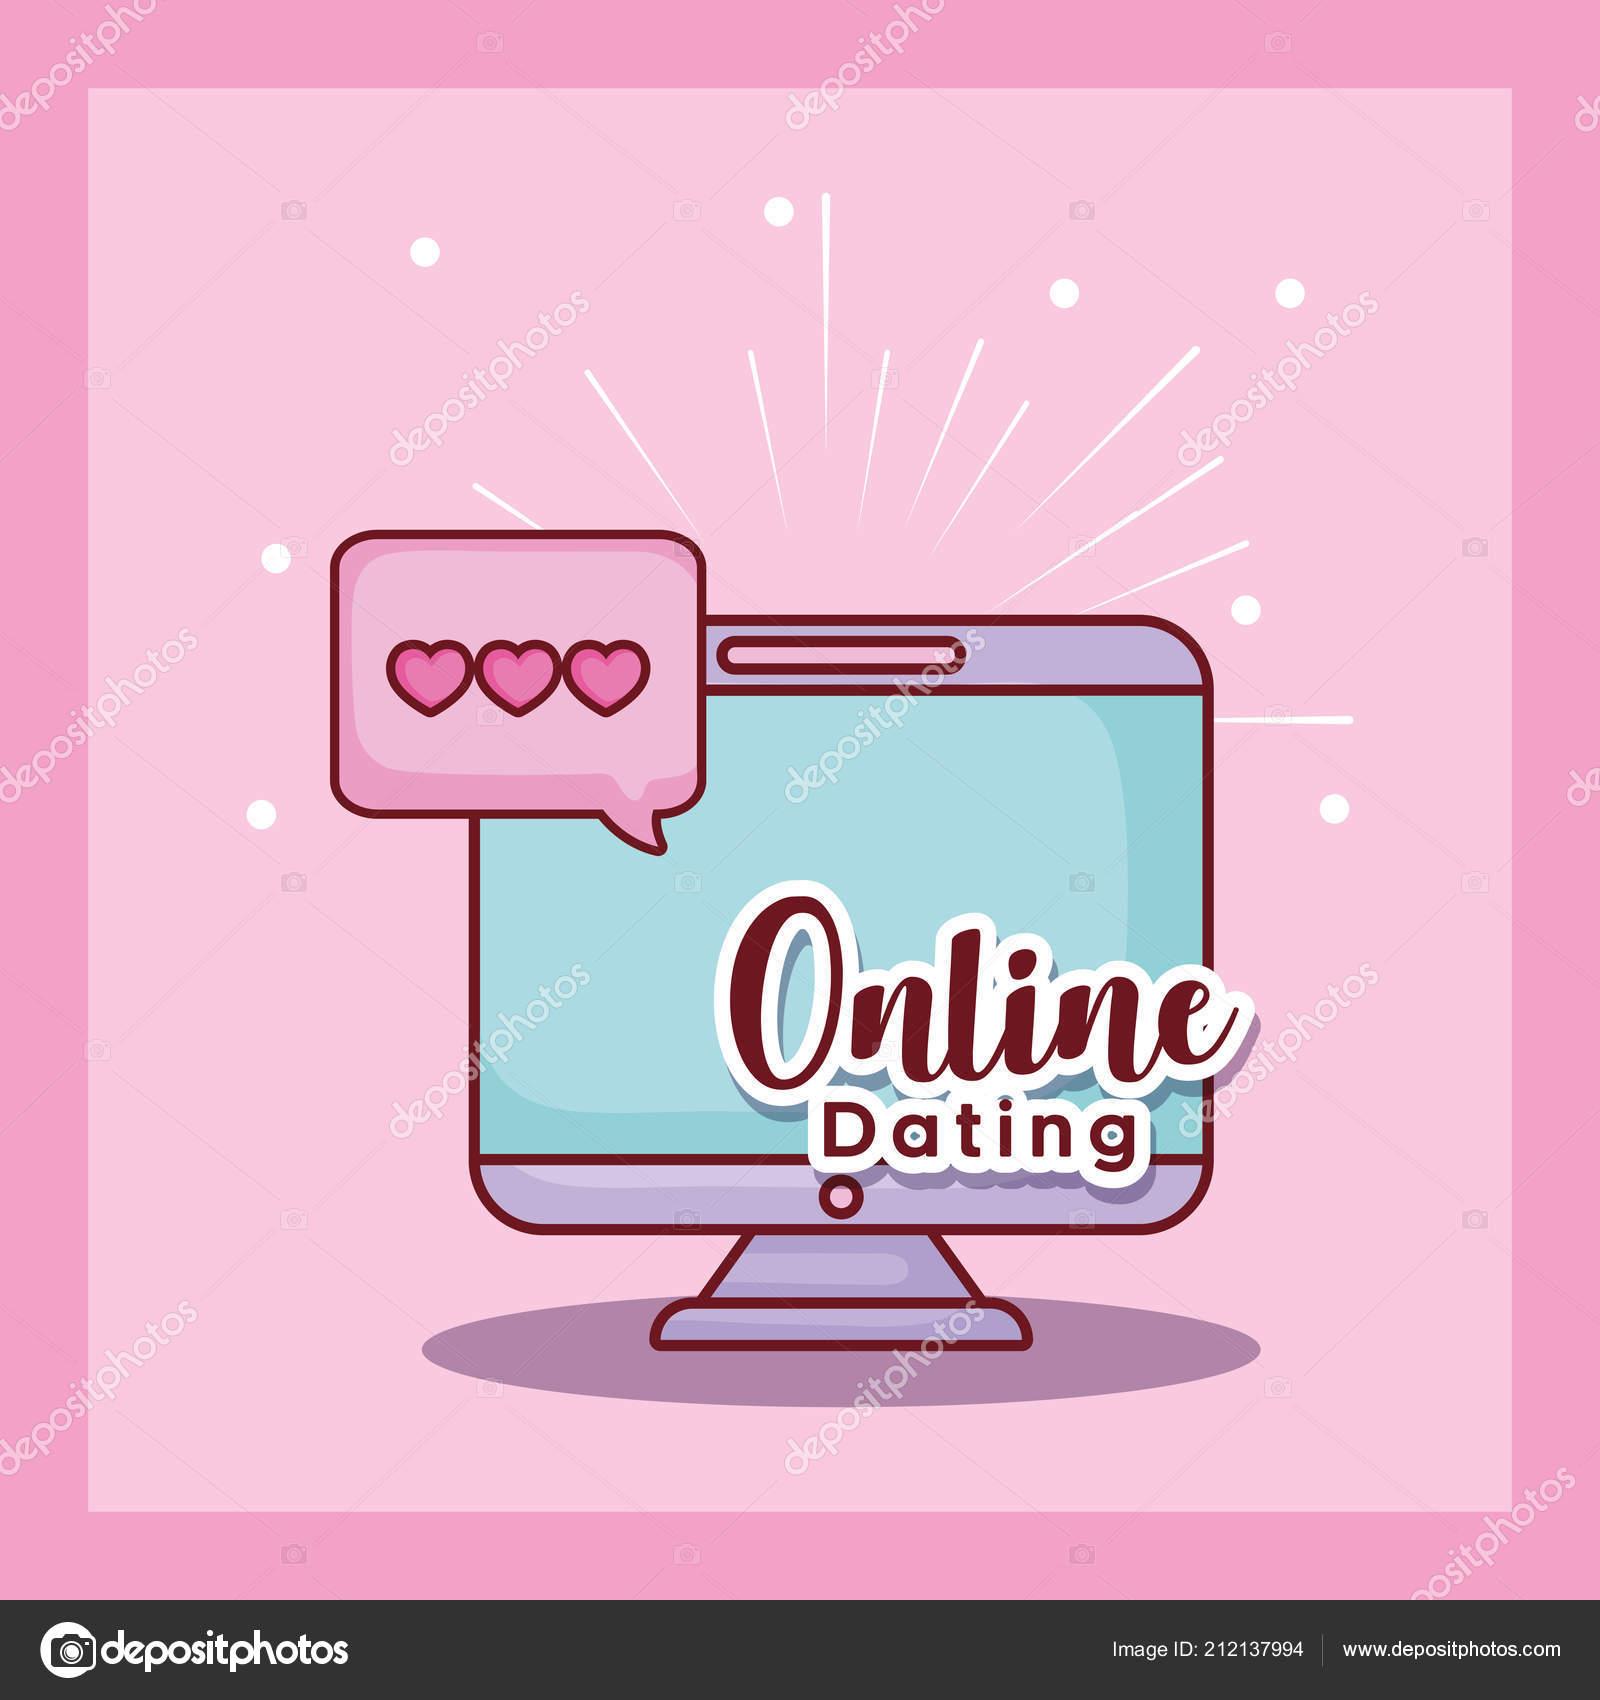 envoi de messages de rencontre en ligne